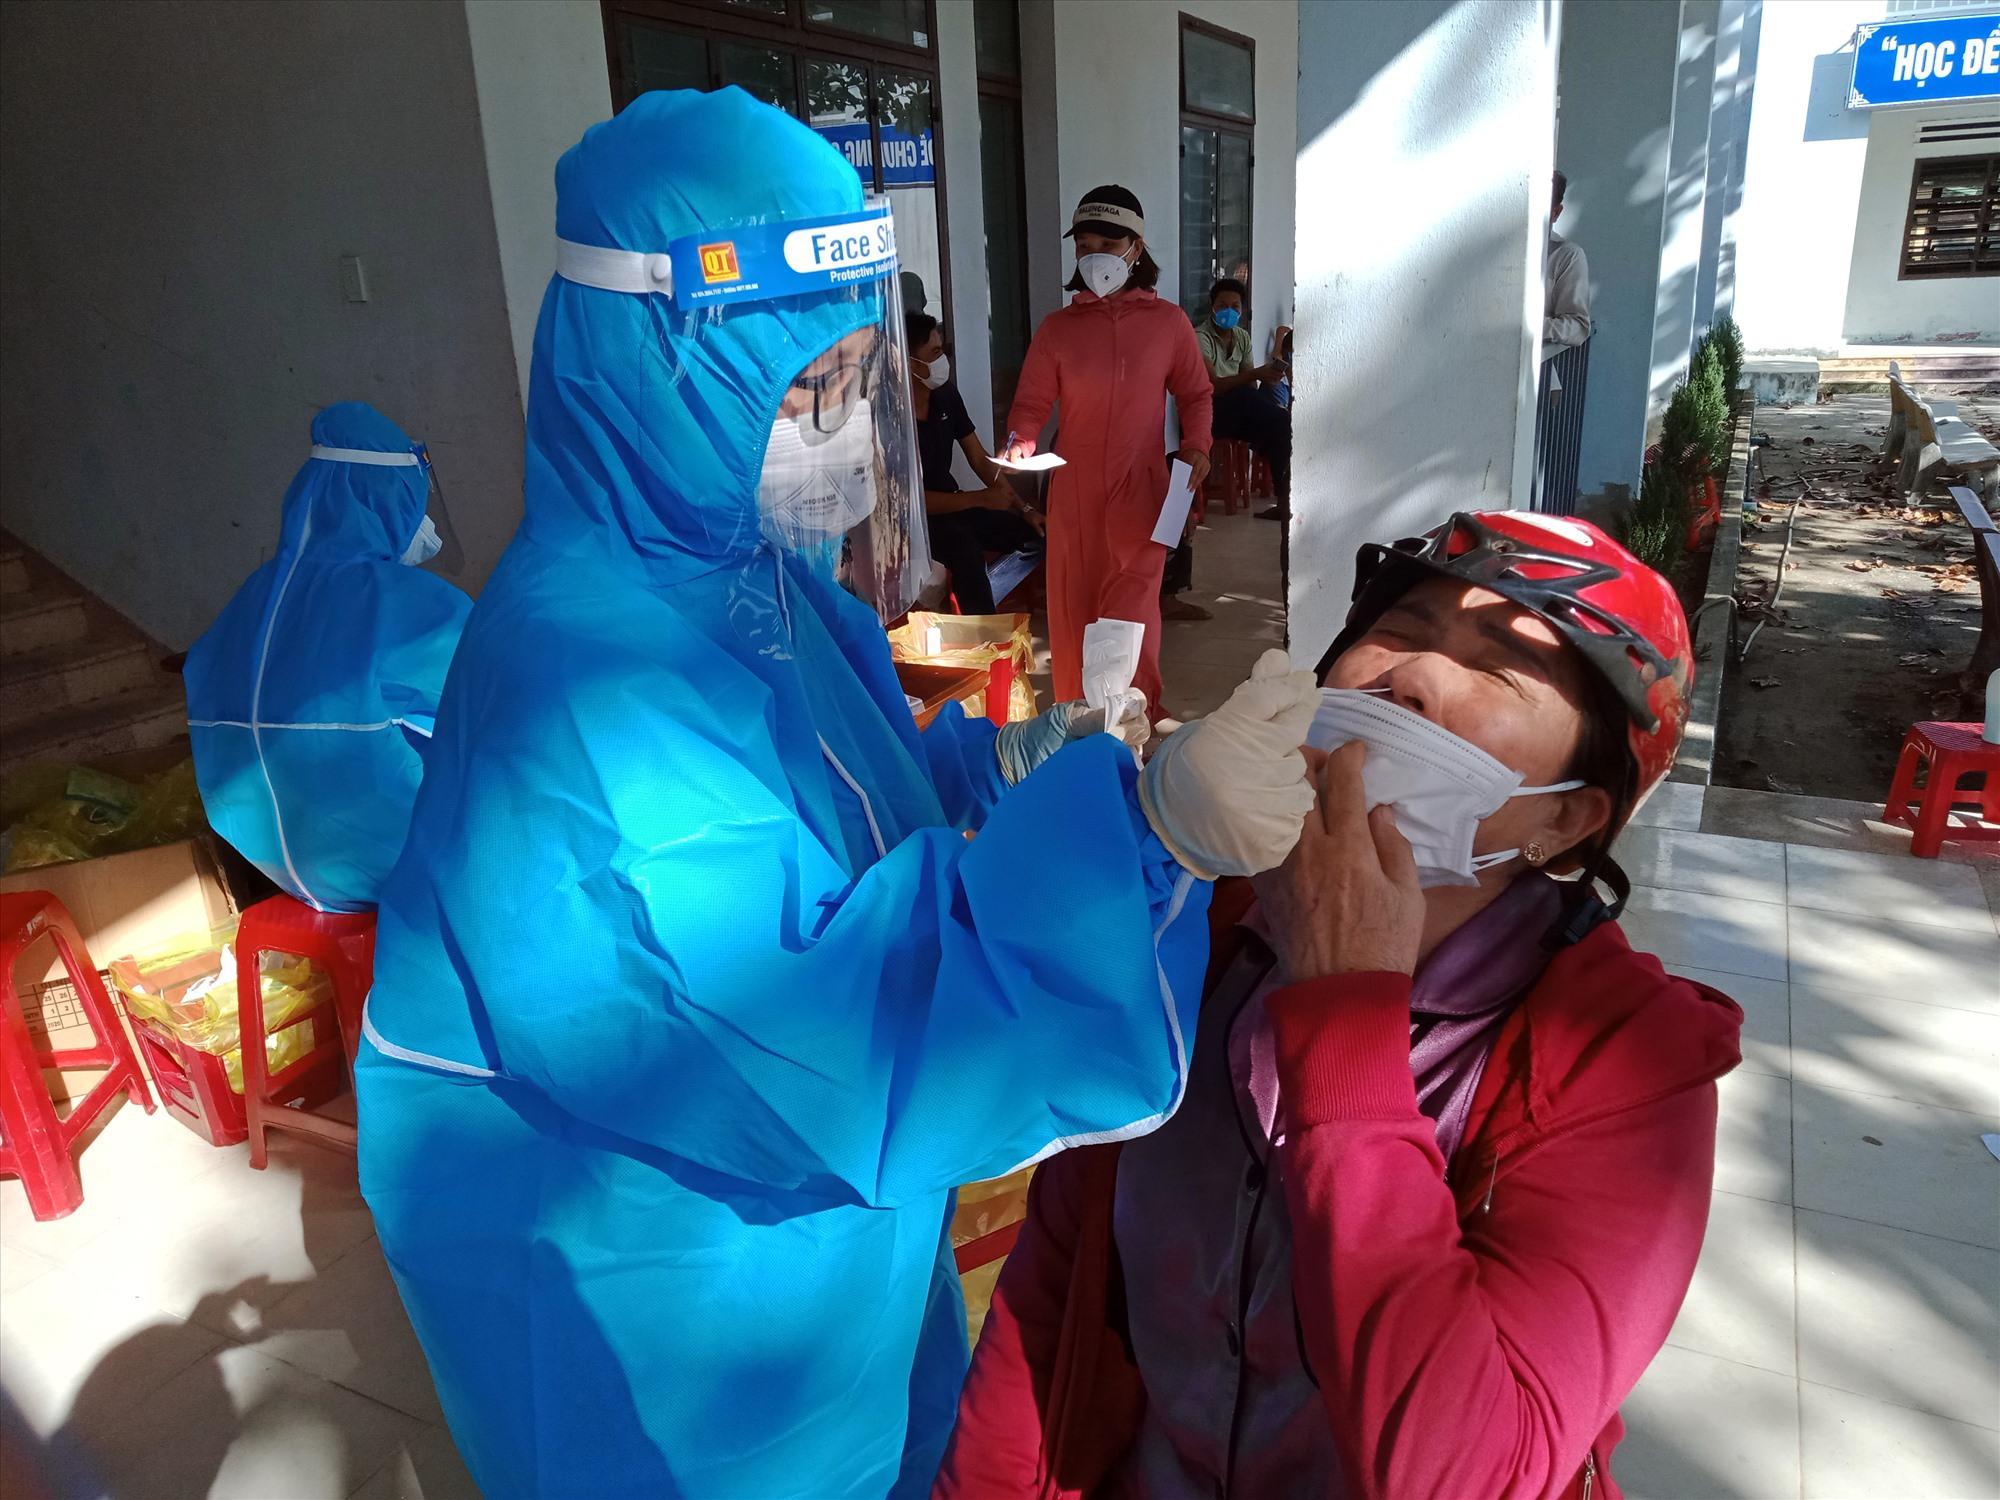 Lấy mẫu xét nghiệm tại Khối phố An Đông thị trấn Tân Bình.